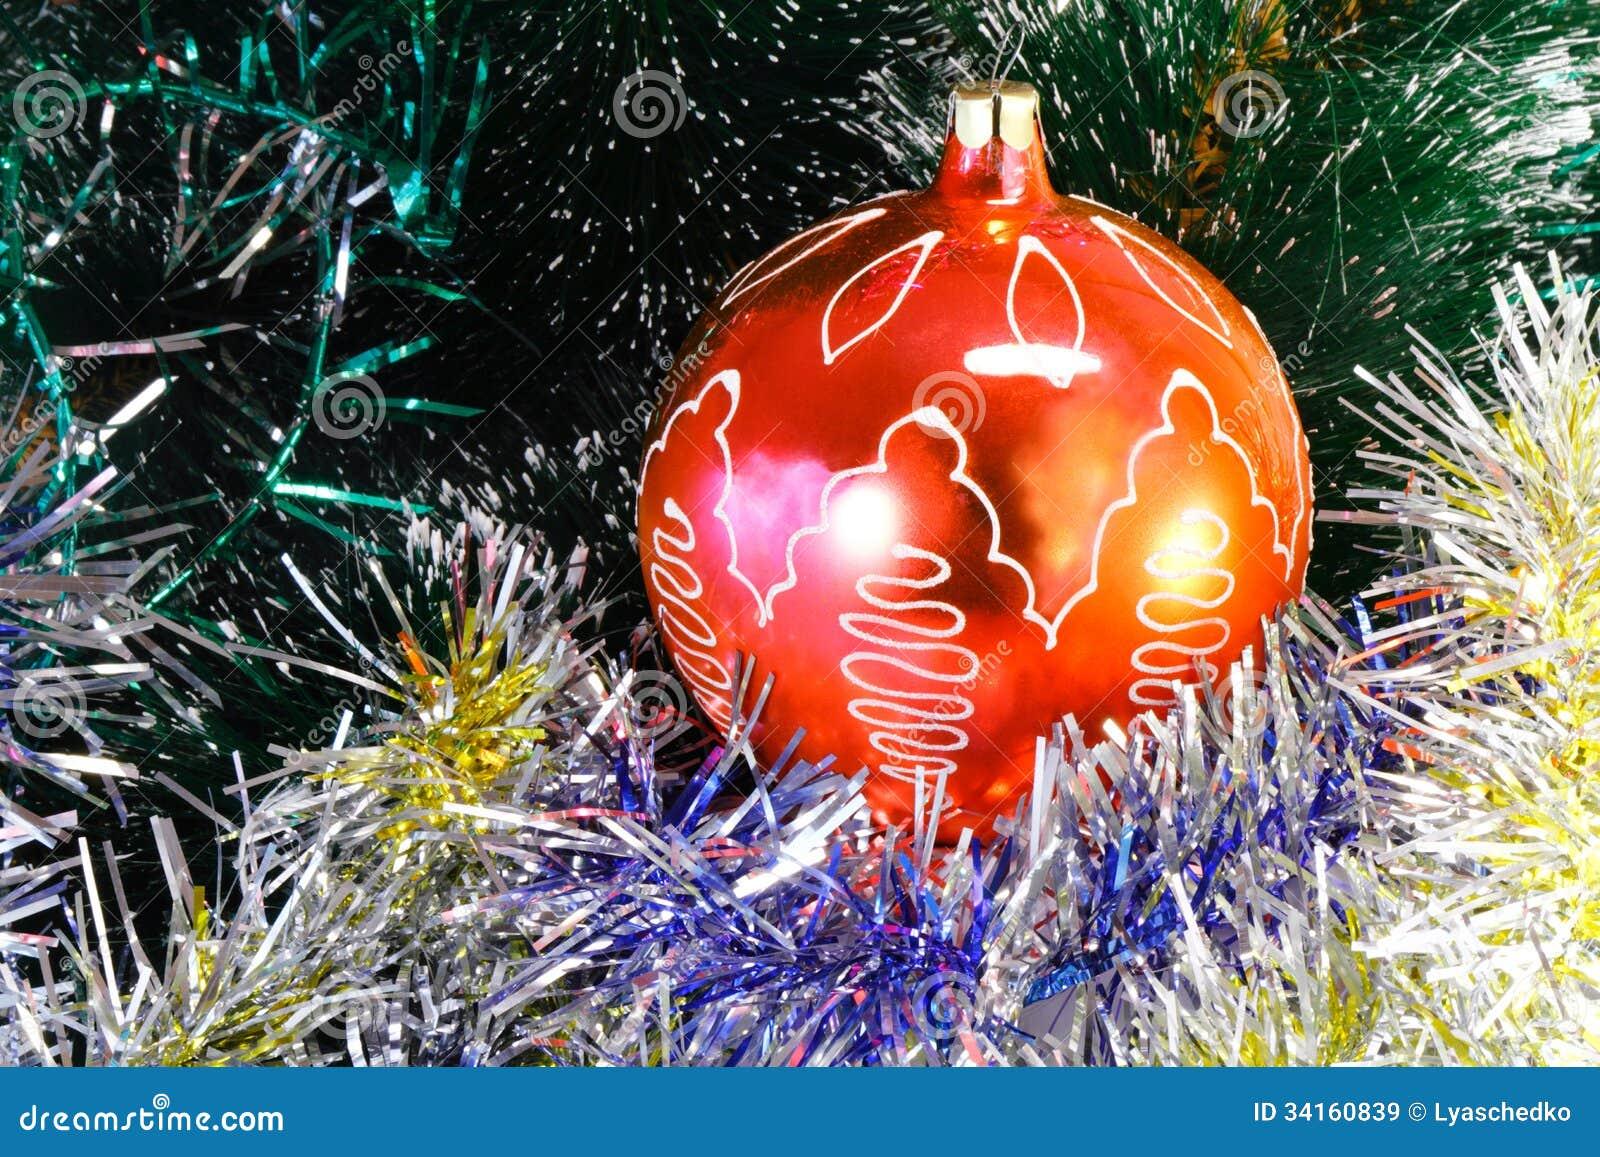 Decoraciones hermosas para el rbol de navidad im genes de - Fotos de decoraciones de navidad ...